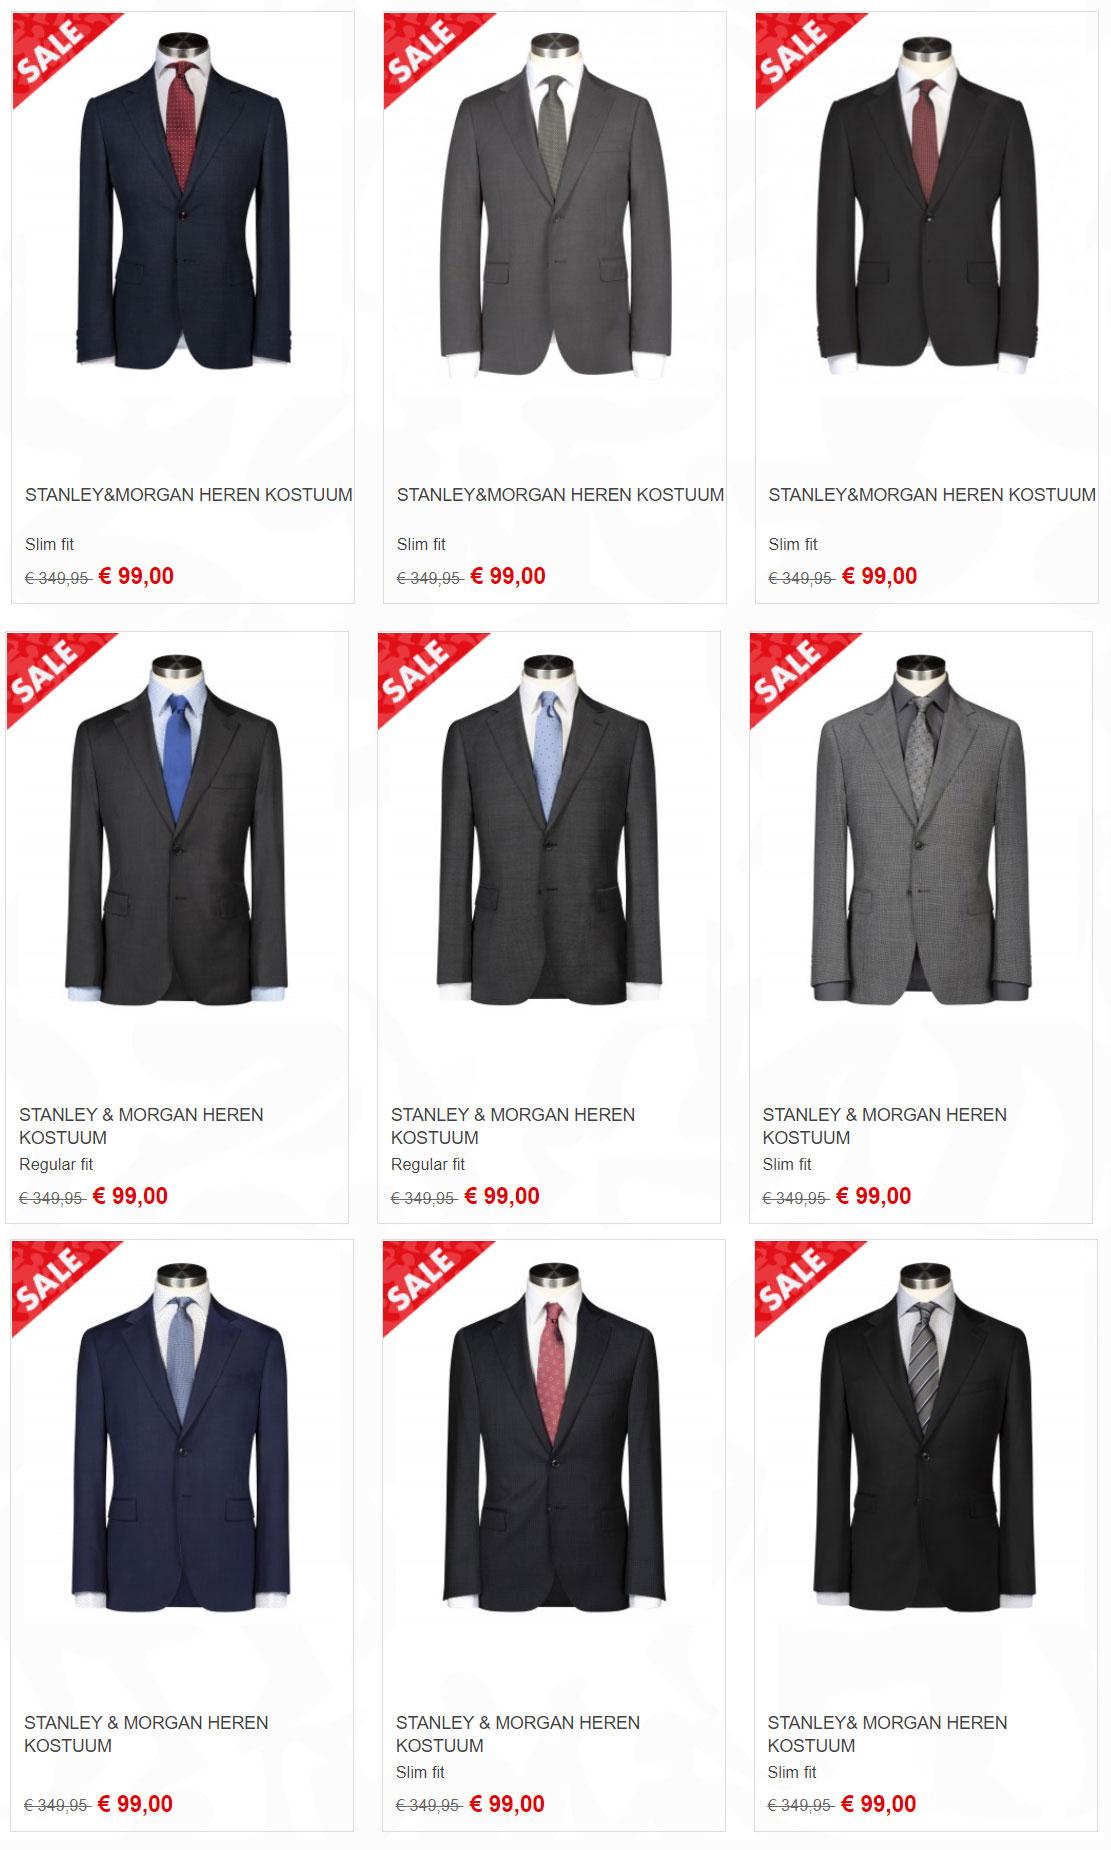 Alle kostuums €99 - 17 soorten - meeste 100% wol @ Piet Zoomers